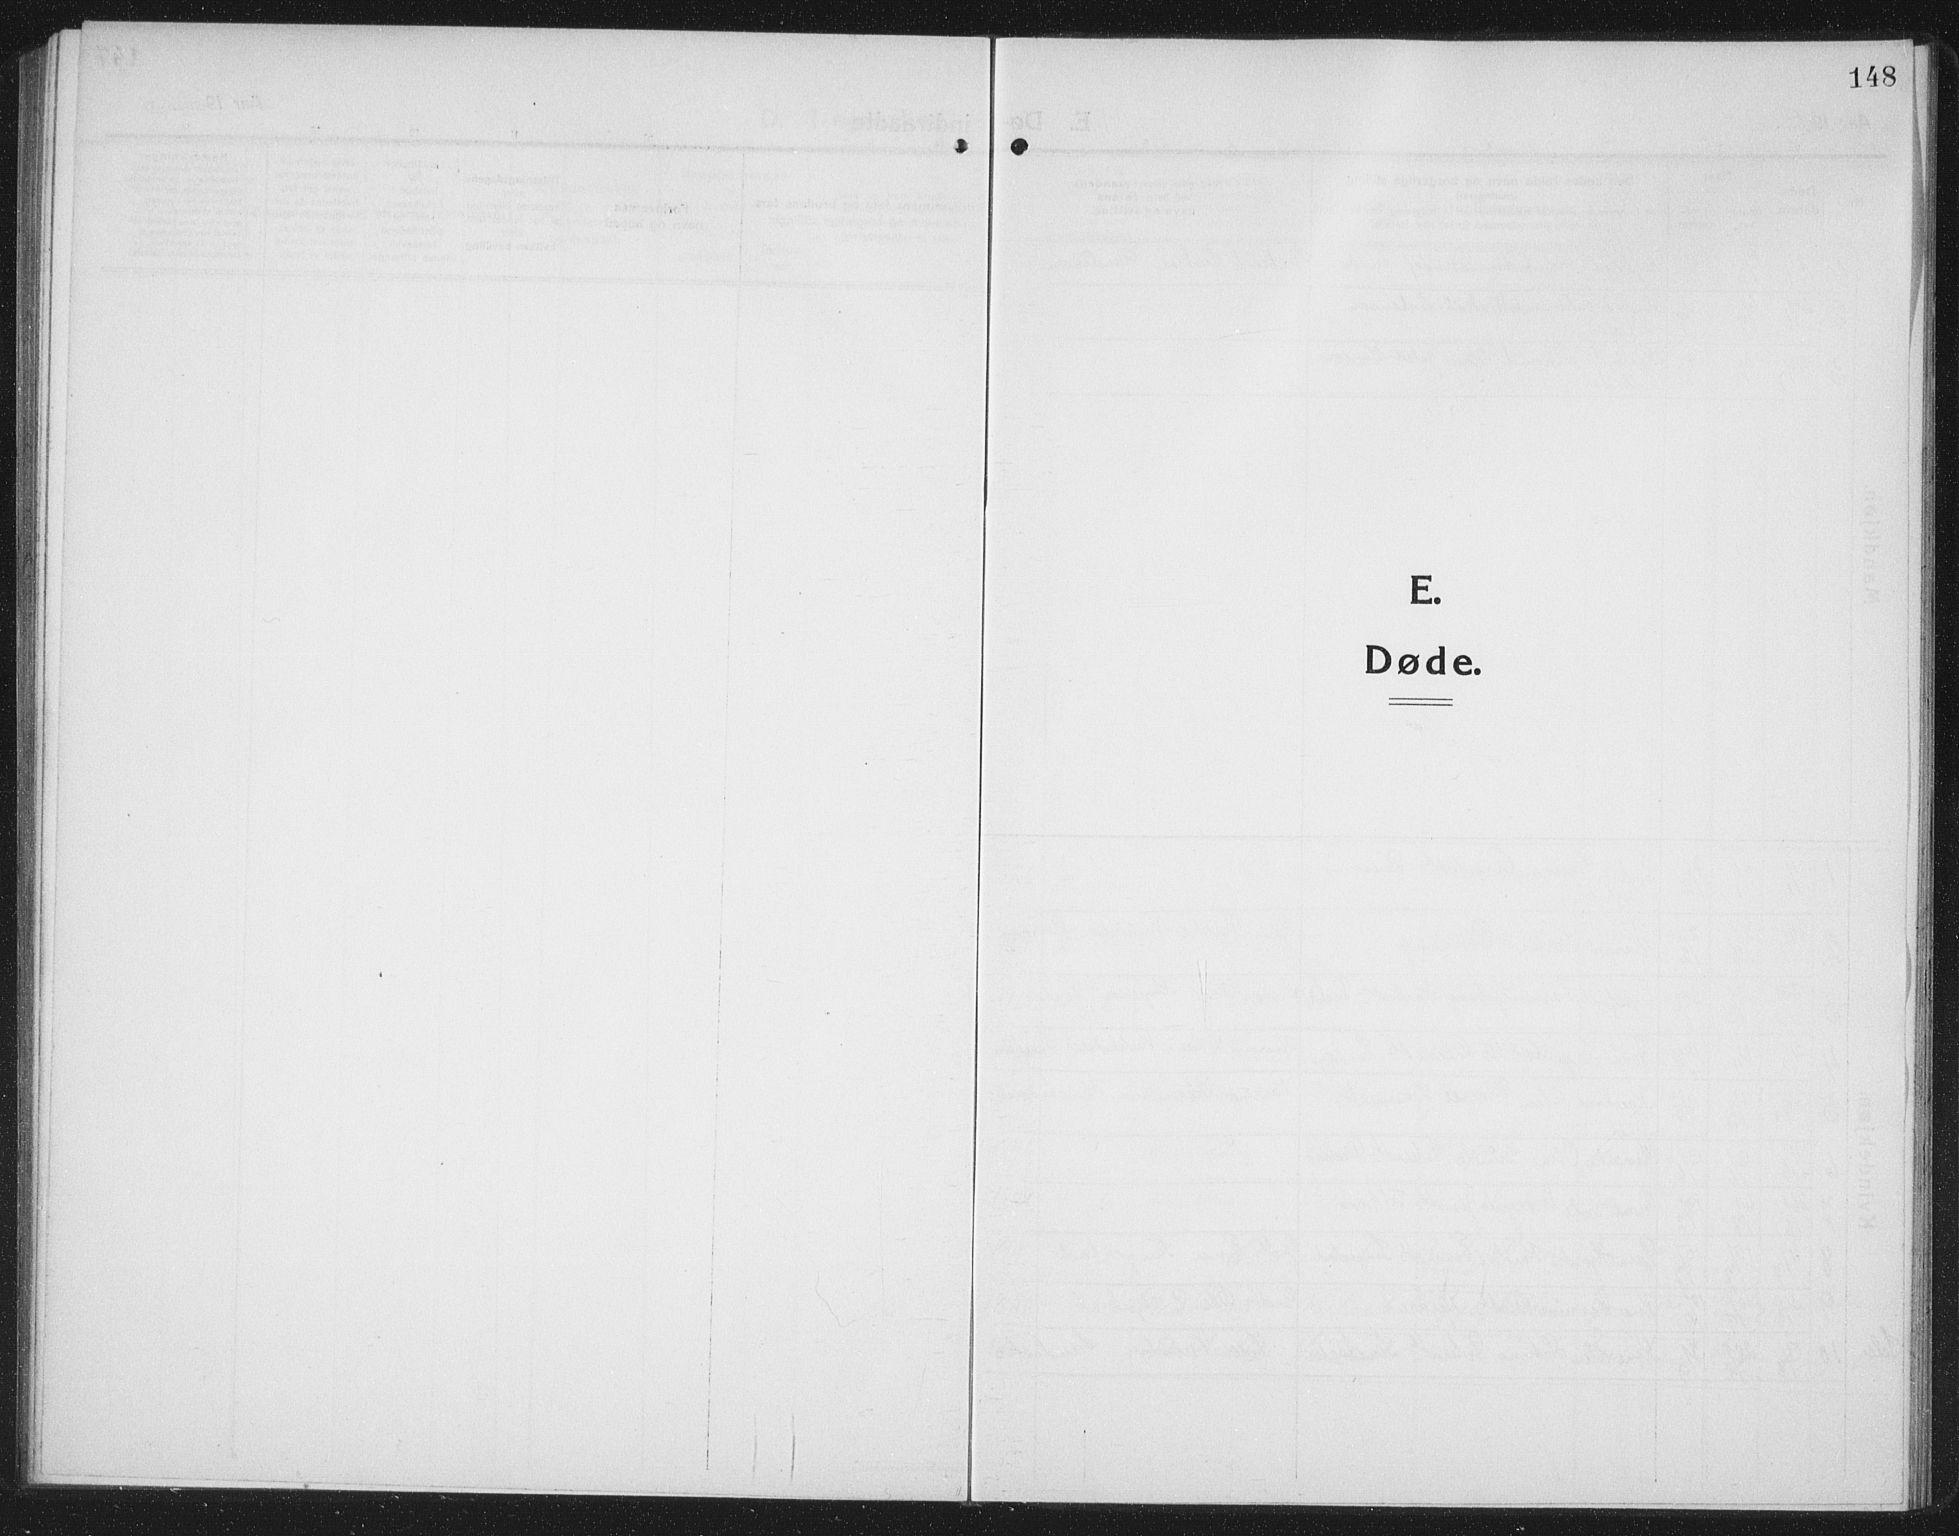 SAT, Ministerialprotokoller, klokkerbøker og fødselsregistre - Nord-Trøndelag, 745/L0434: Klokkerbok nr. 745C03, 1914-1937, s. 148